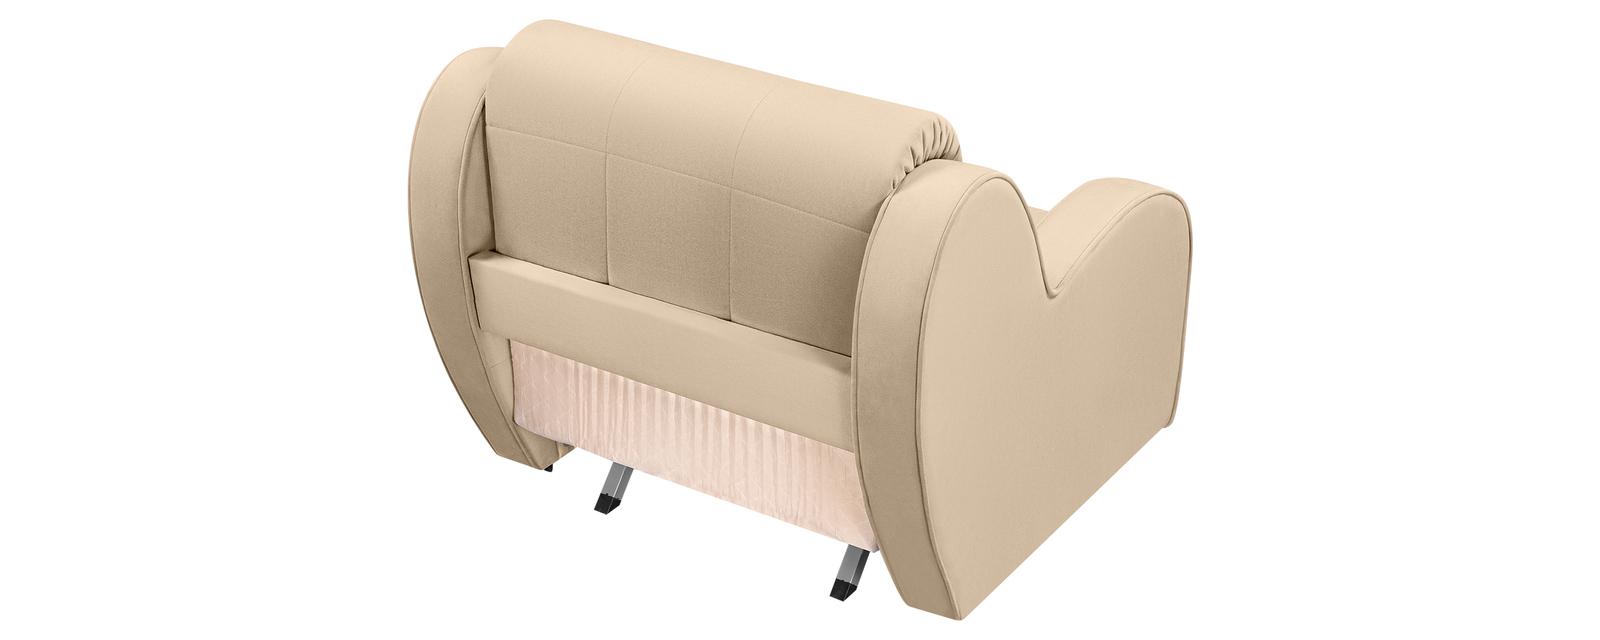 Кресло тканевое Барон Velure бежевый (Велюр)